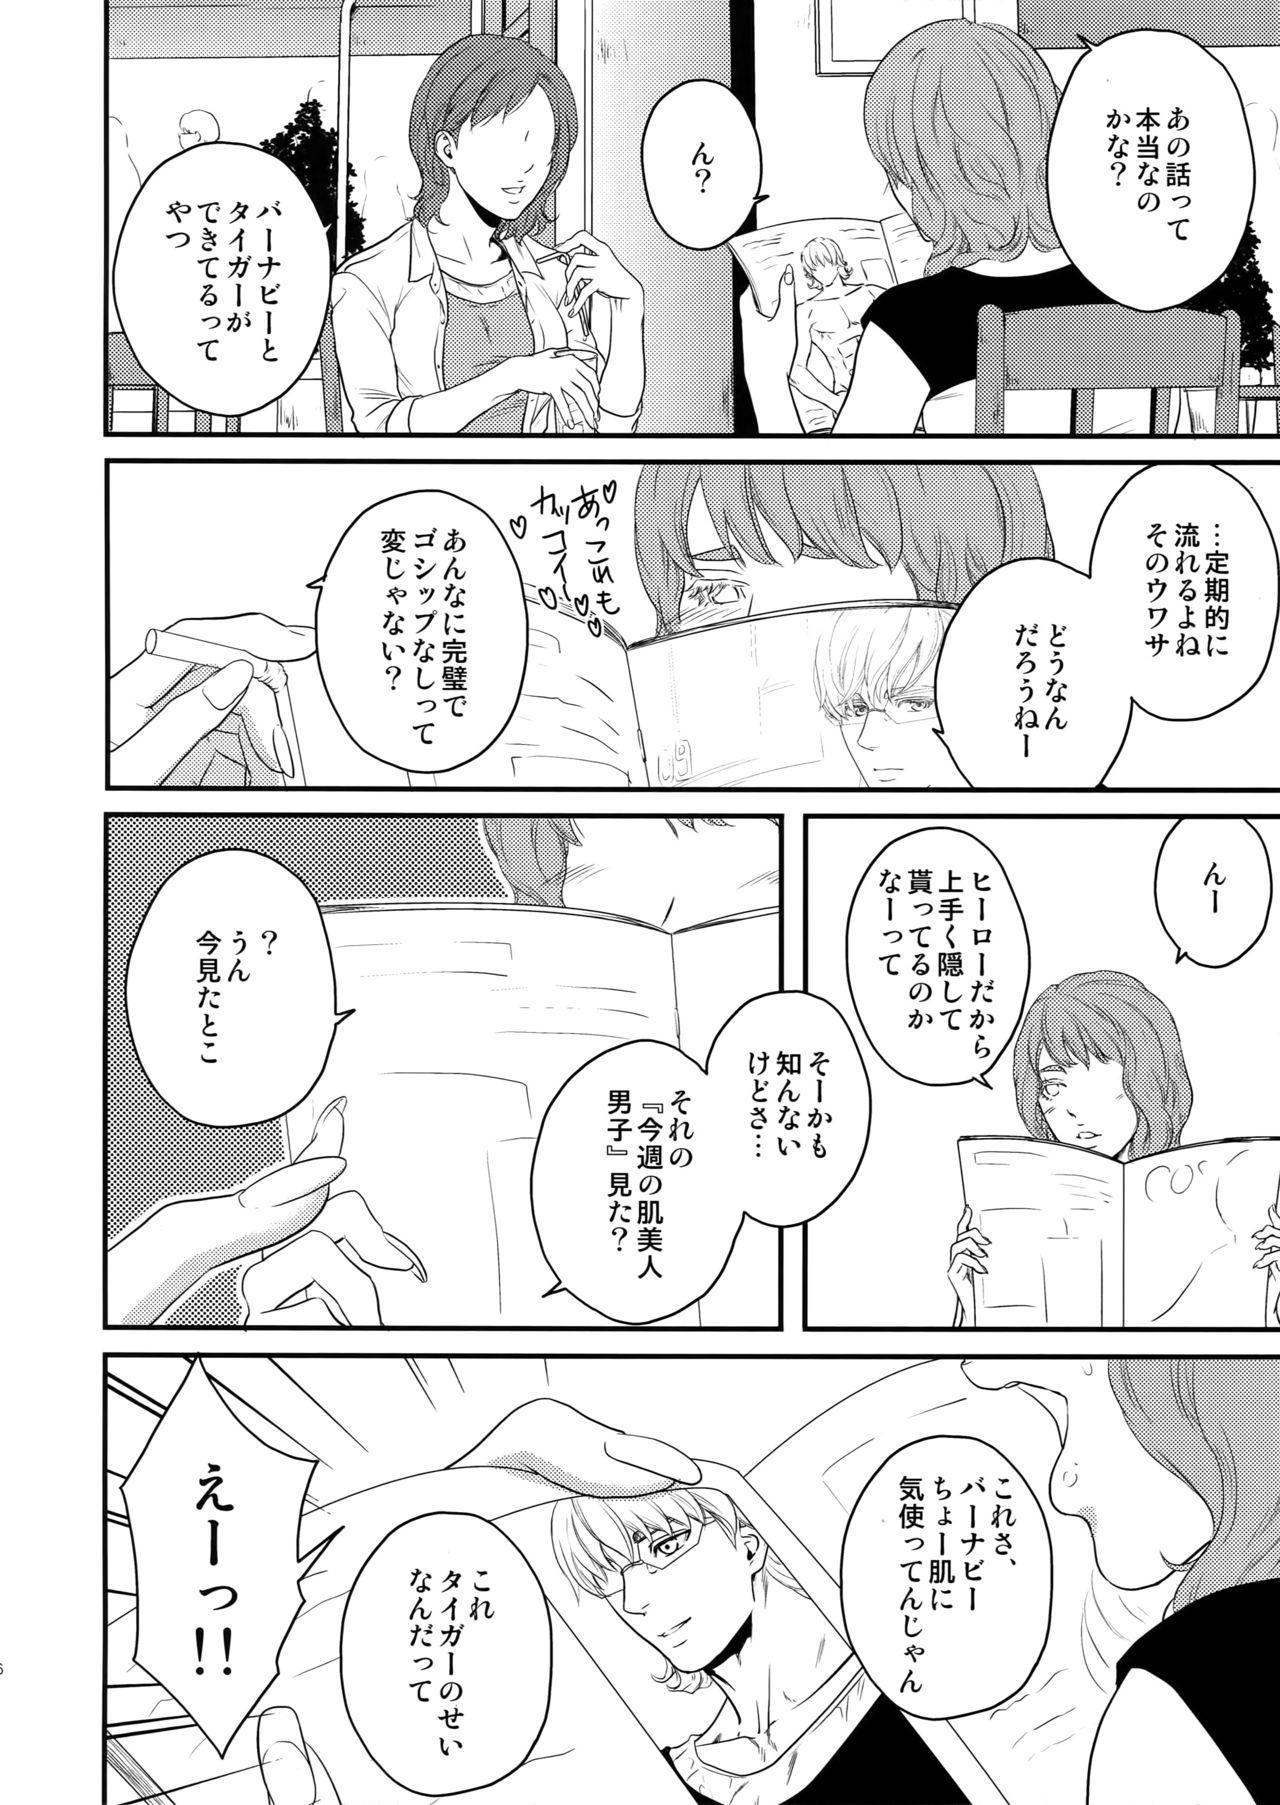 Taisetsu Nishi Mascara 3